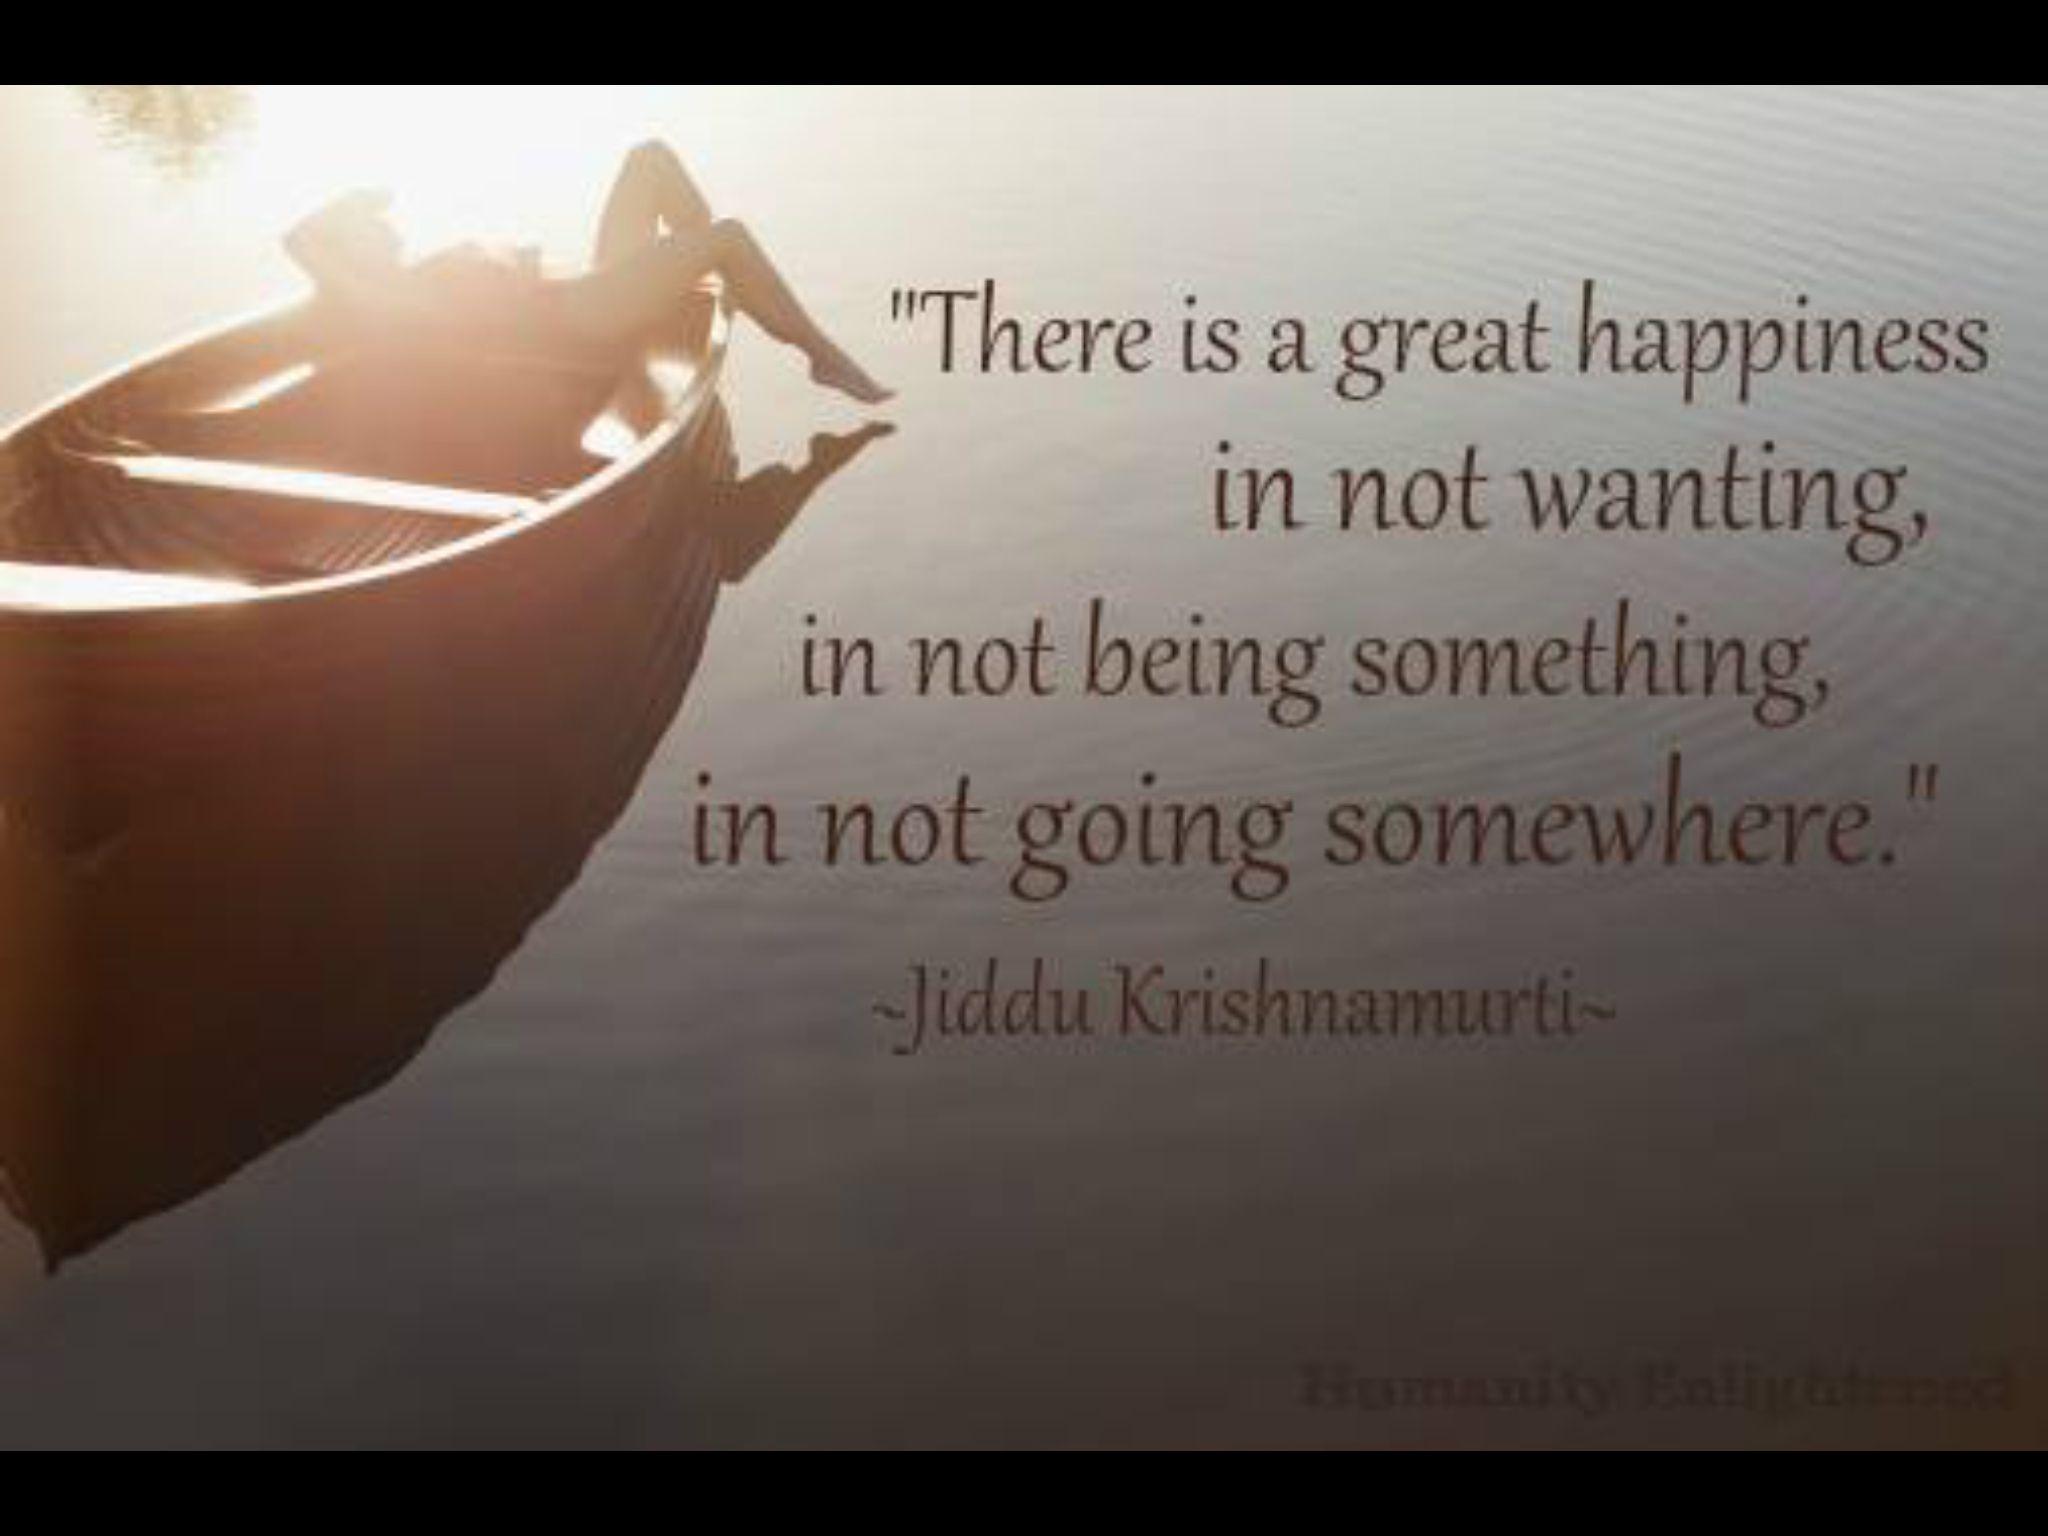 krishnamurti citater Jiddu Krishnamurti. Wisdom. Happiness | Jiddu Krishnamurti  krishnamurti citater